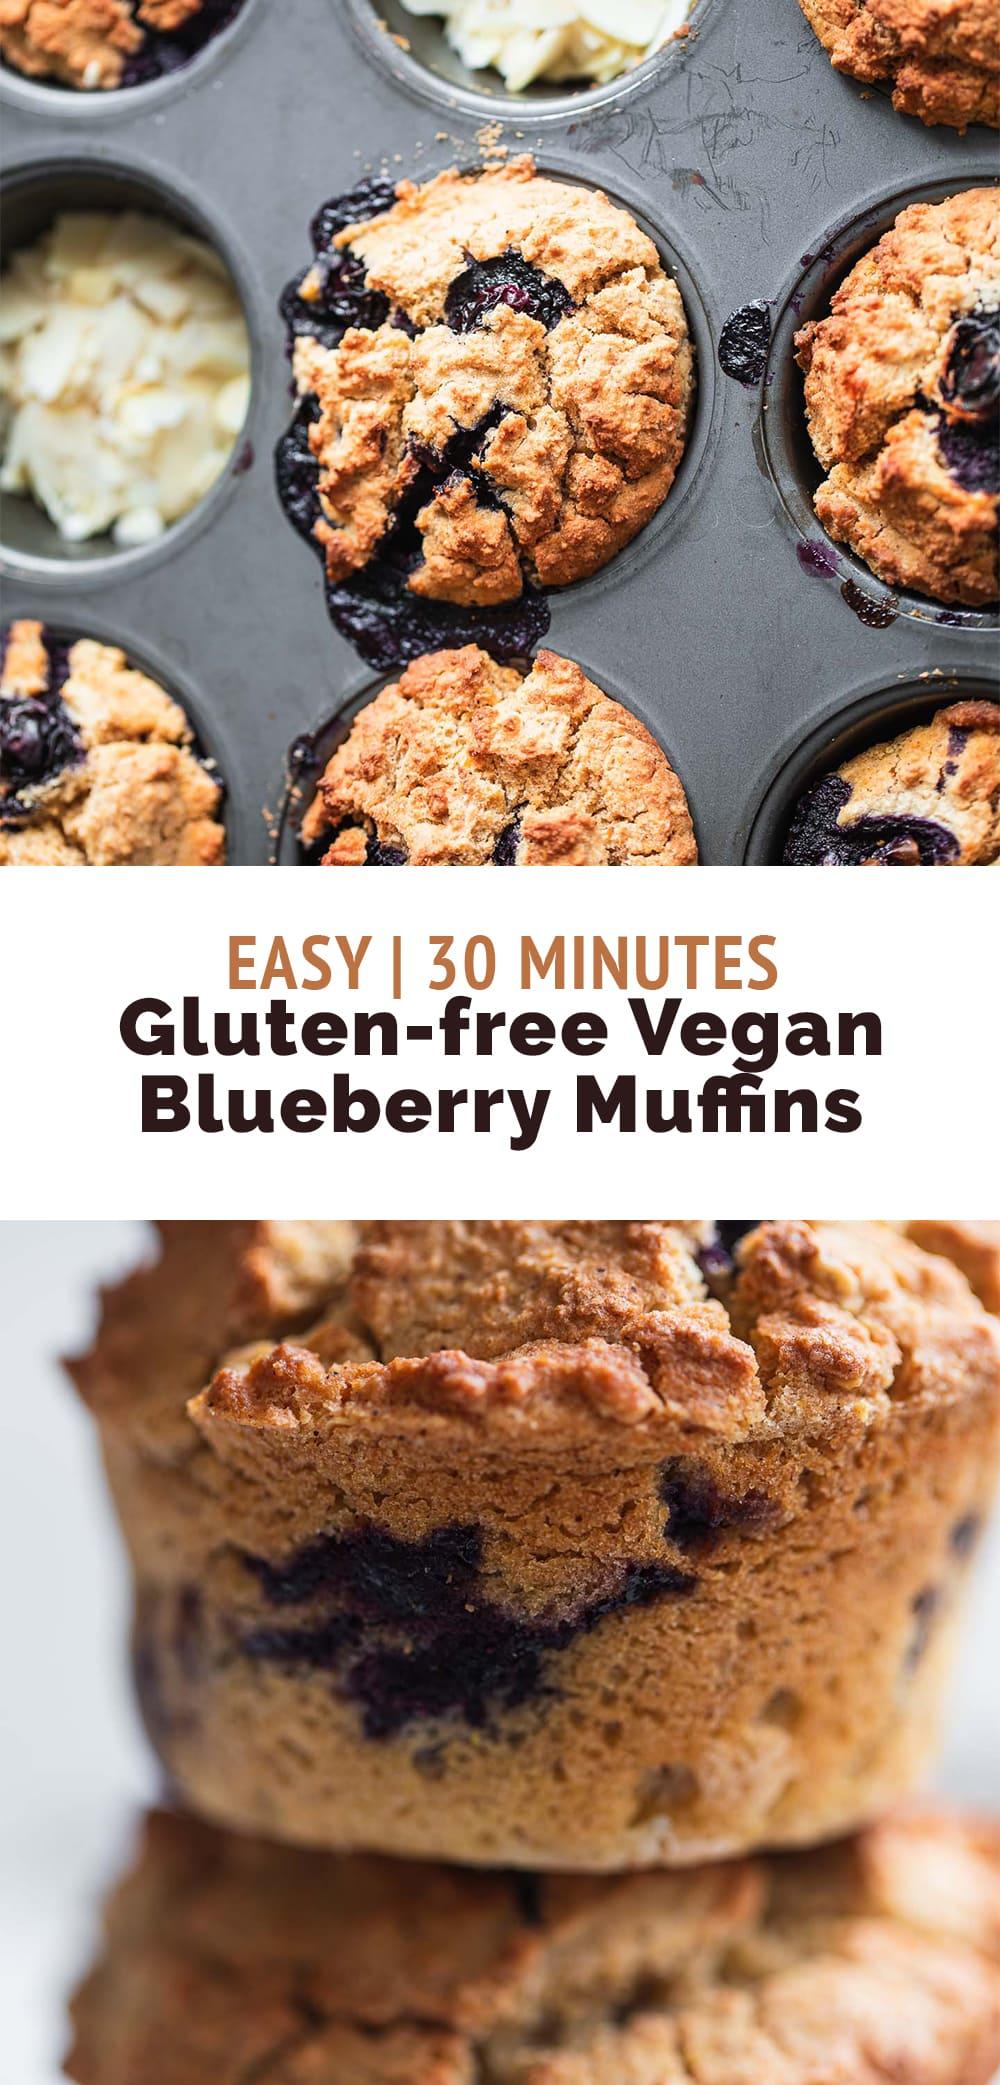 Vegan blueberry muffins gluten-free